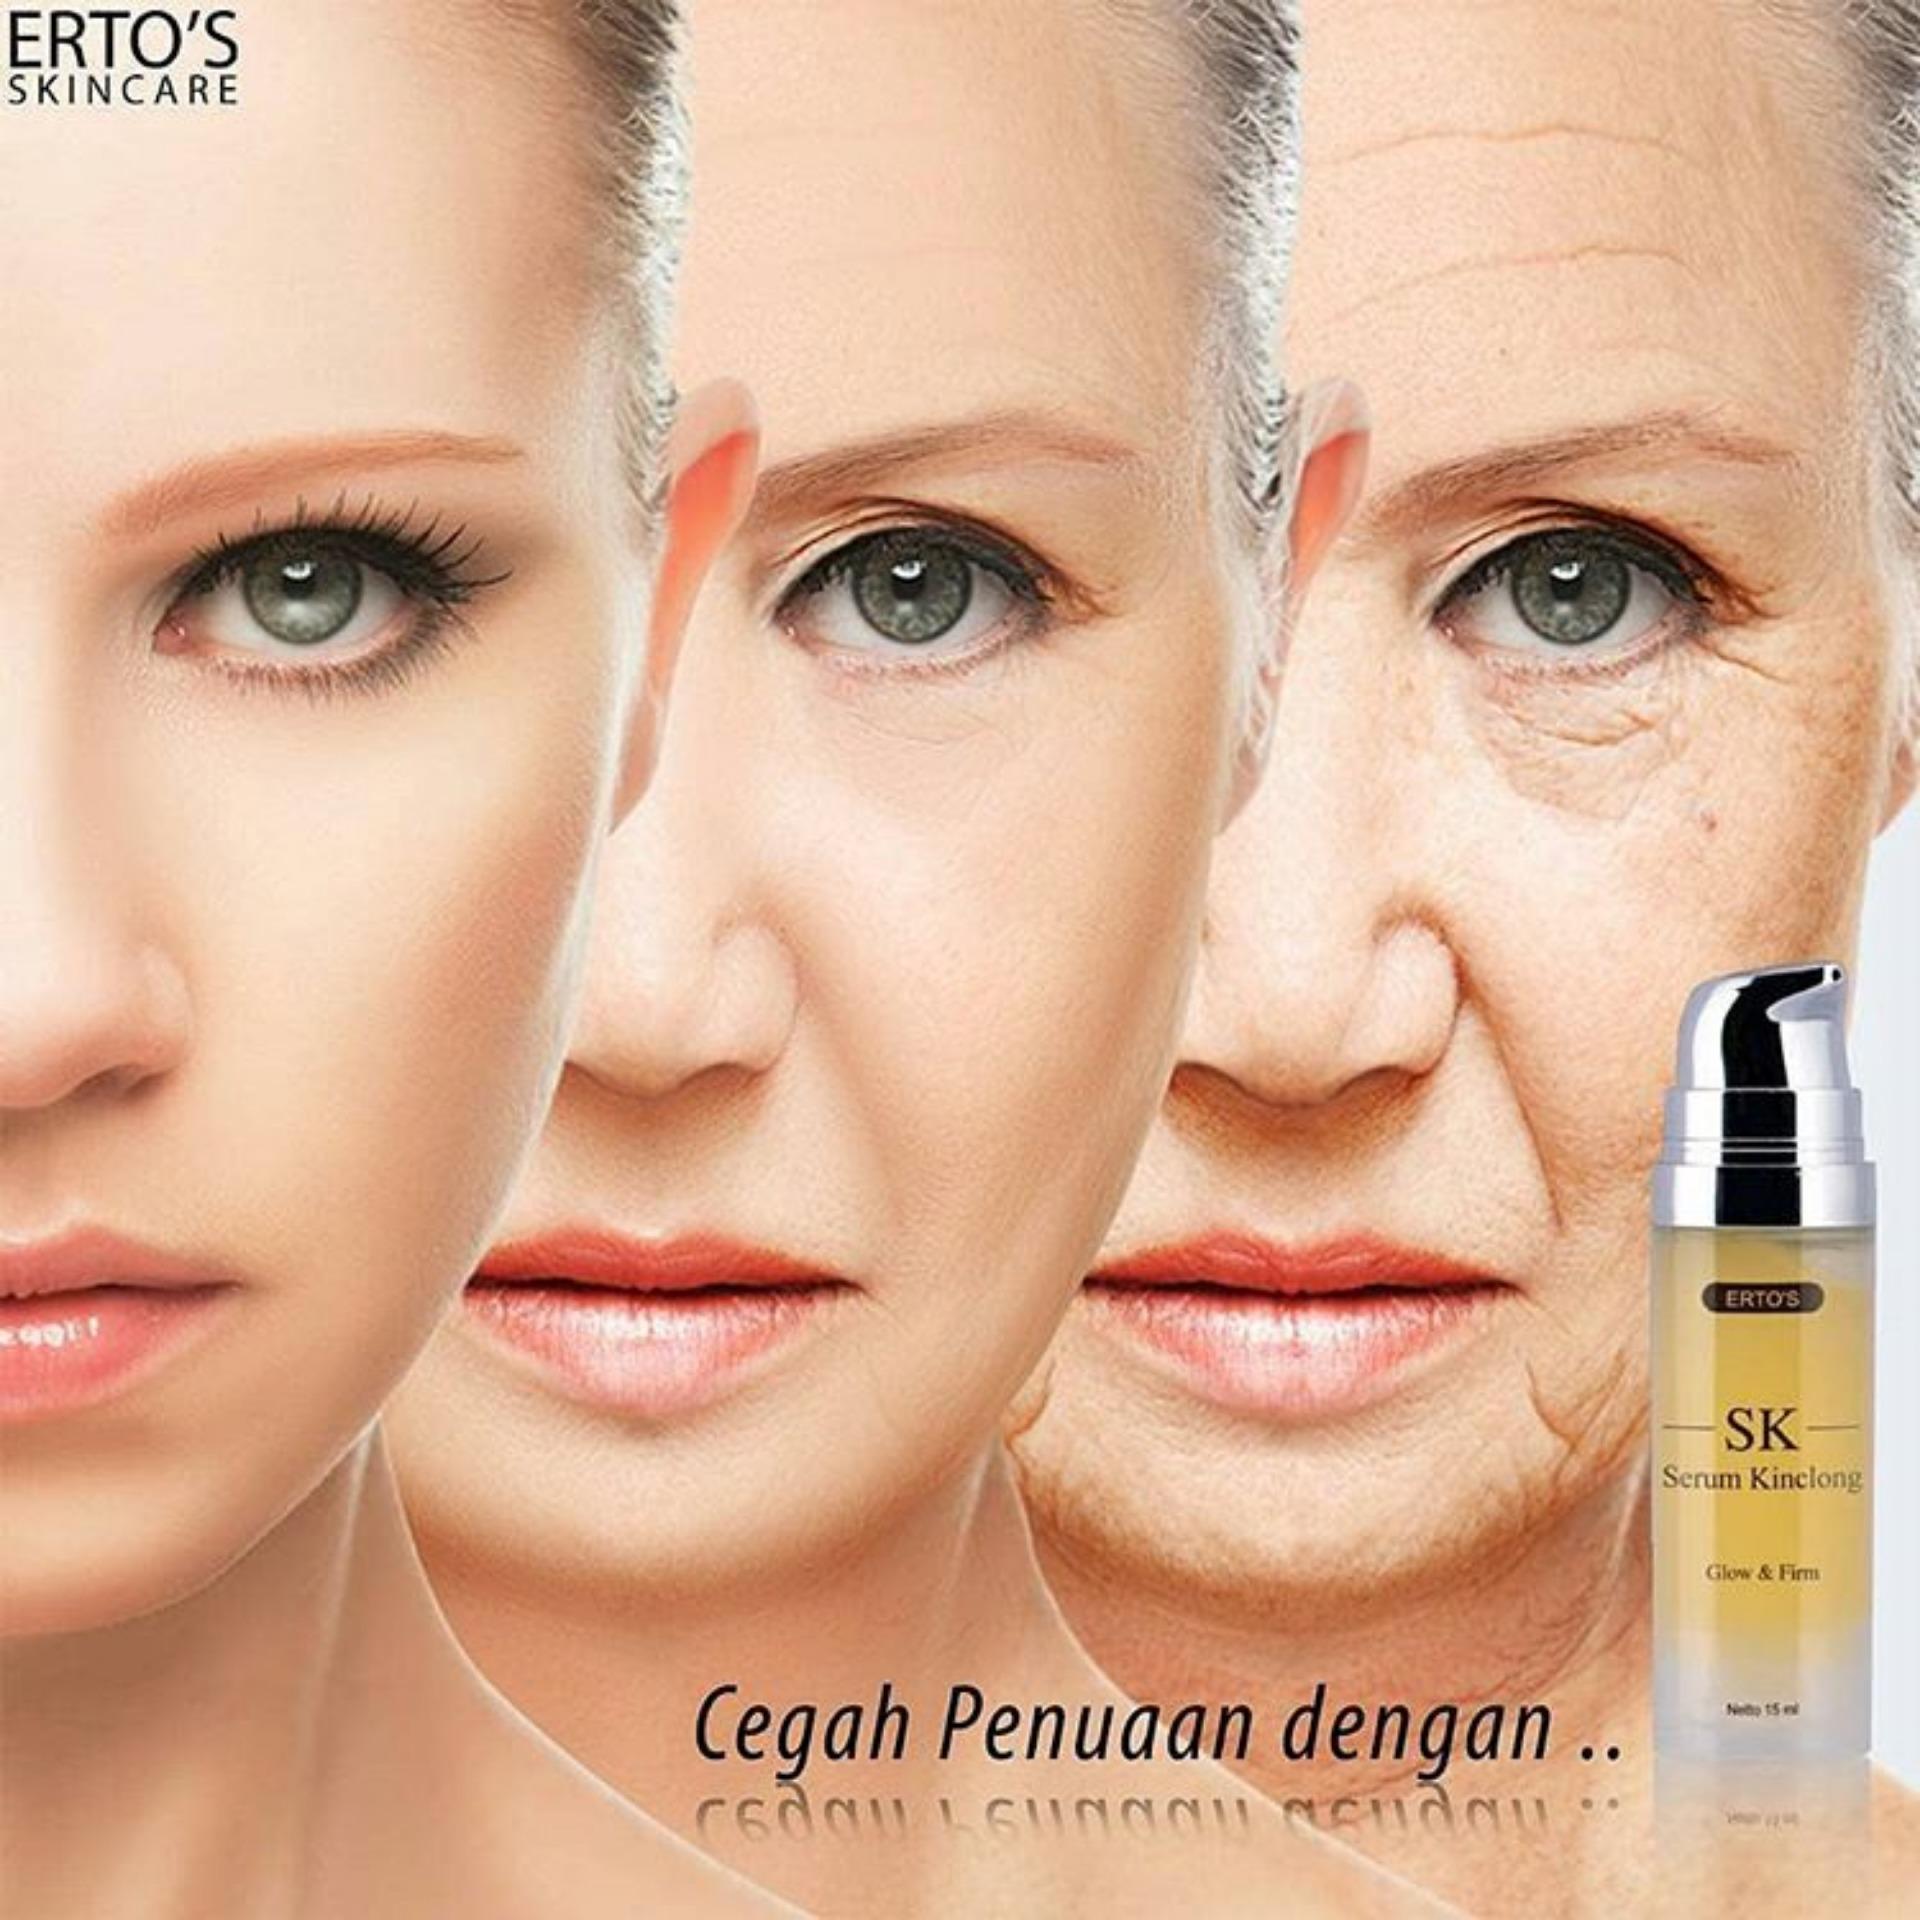 Fitur Ertos Original Paket Facial Treatment Serum Eyelash Detail Gambar Kinclong Sk Terbaru